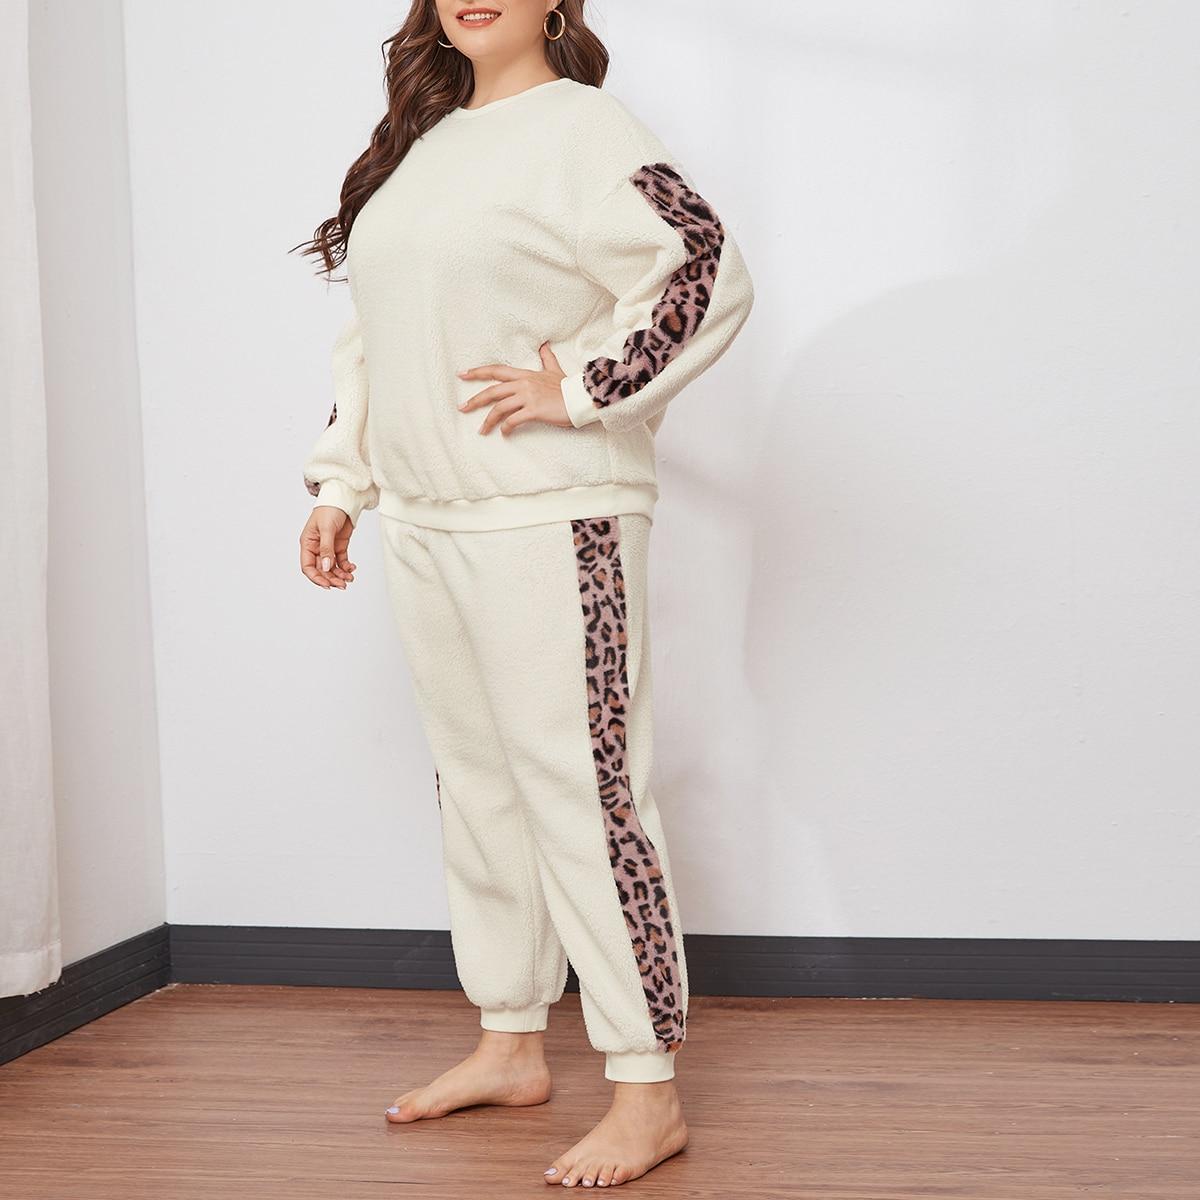 Леопард повседневный пижама размер плюс